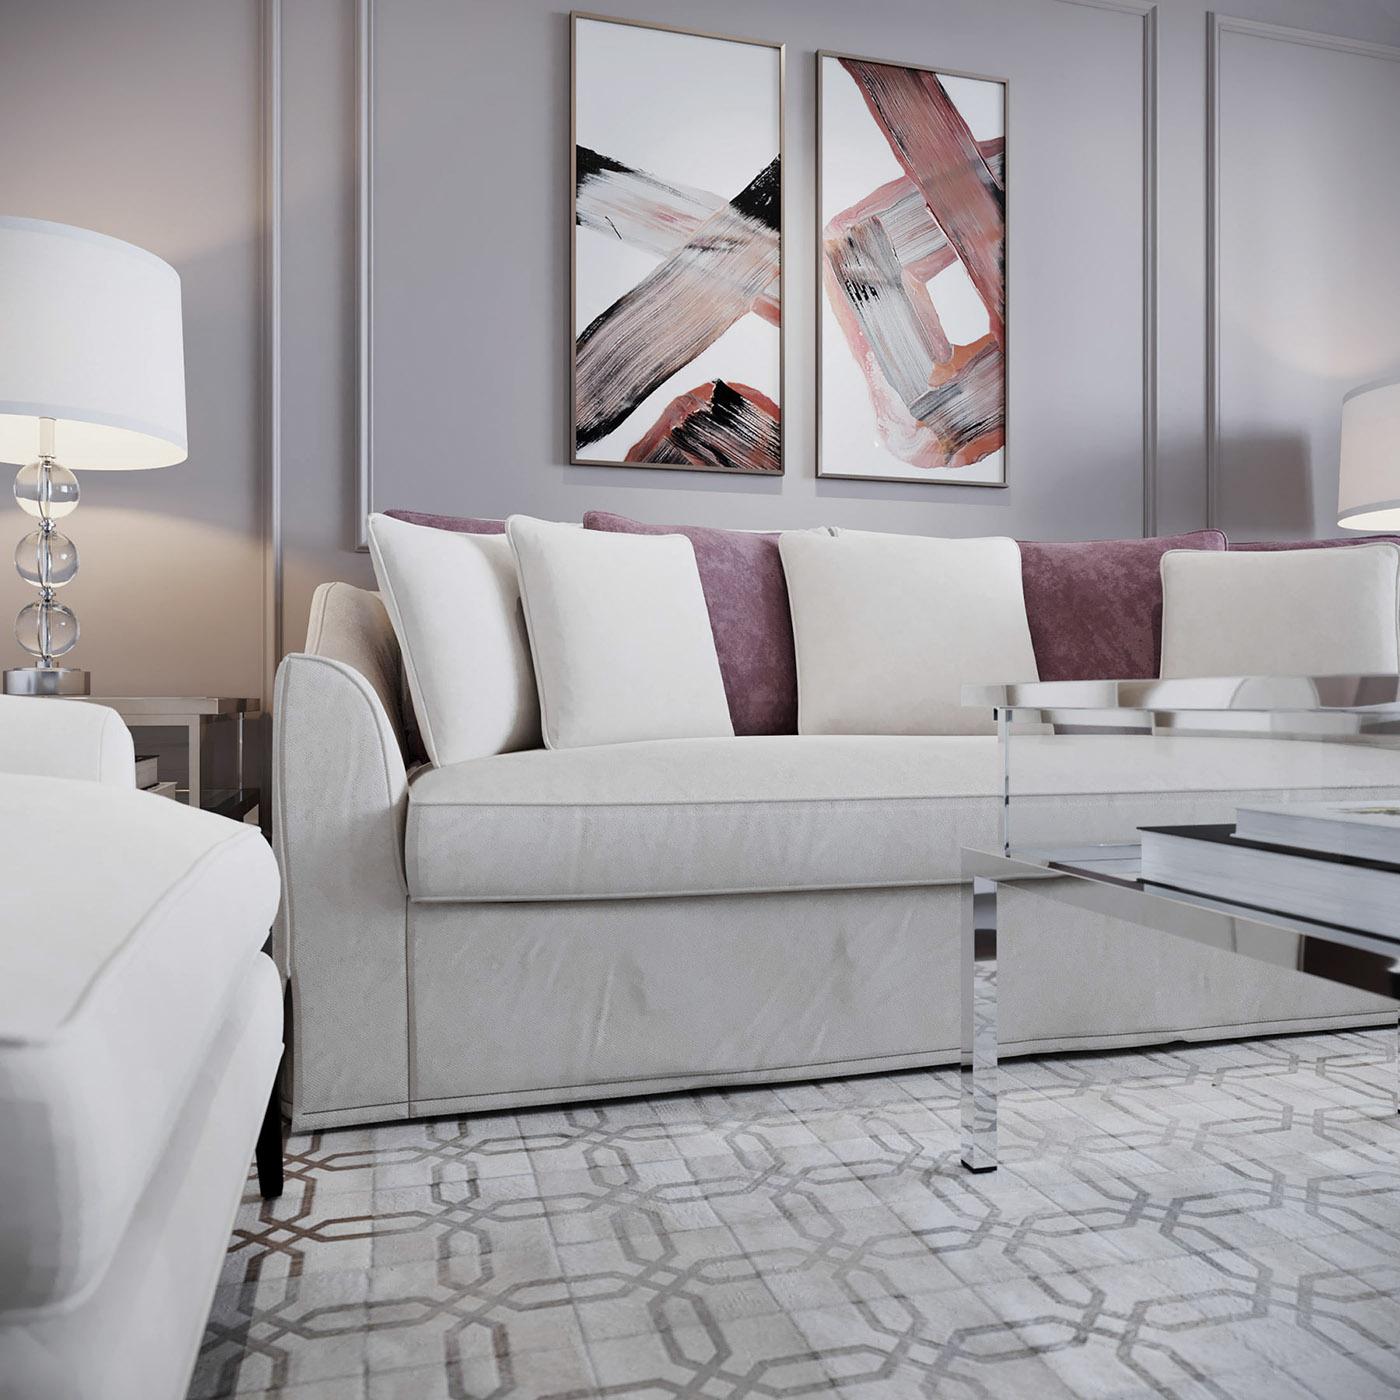 Interior design architecture furniture residential Classic